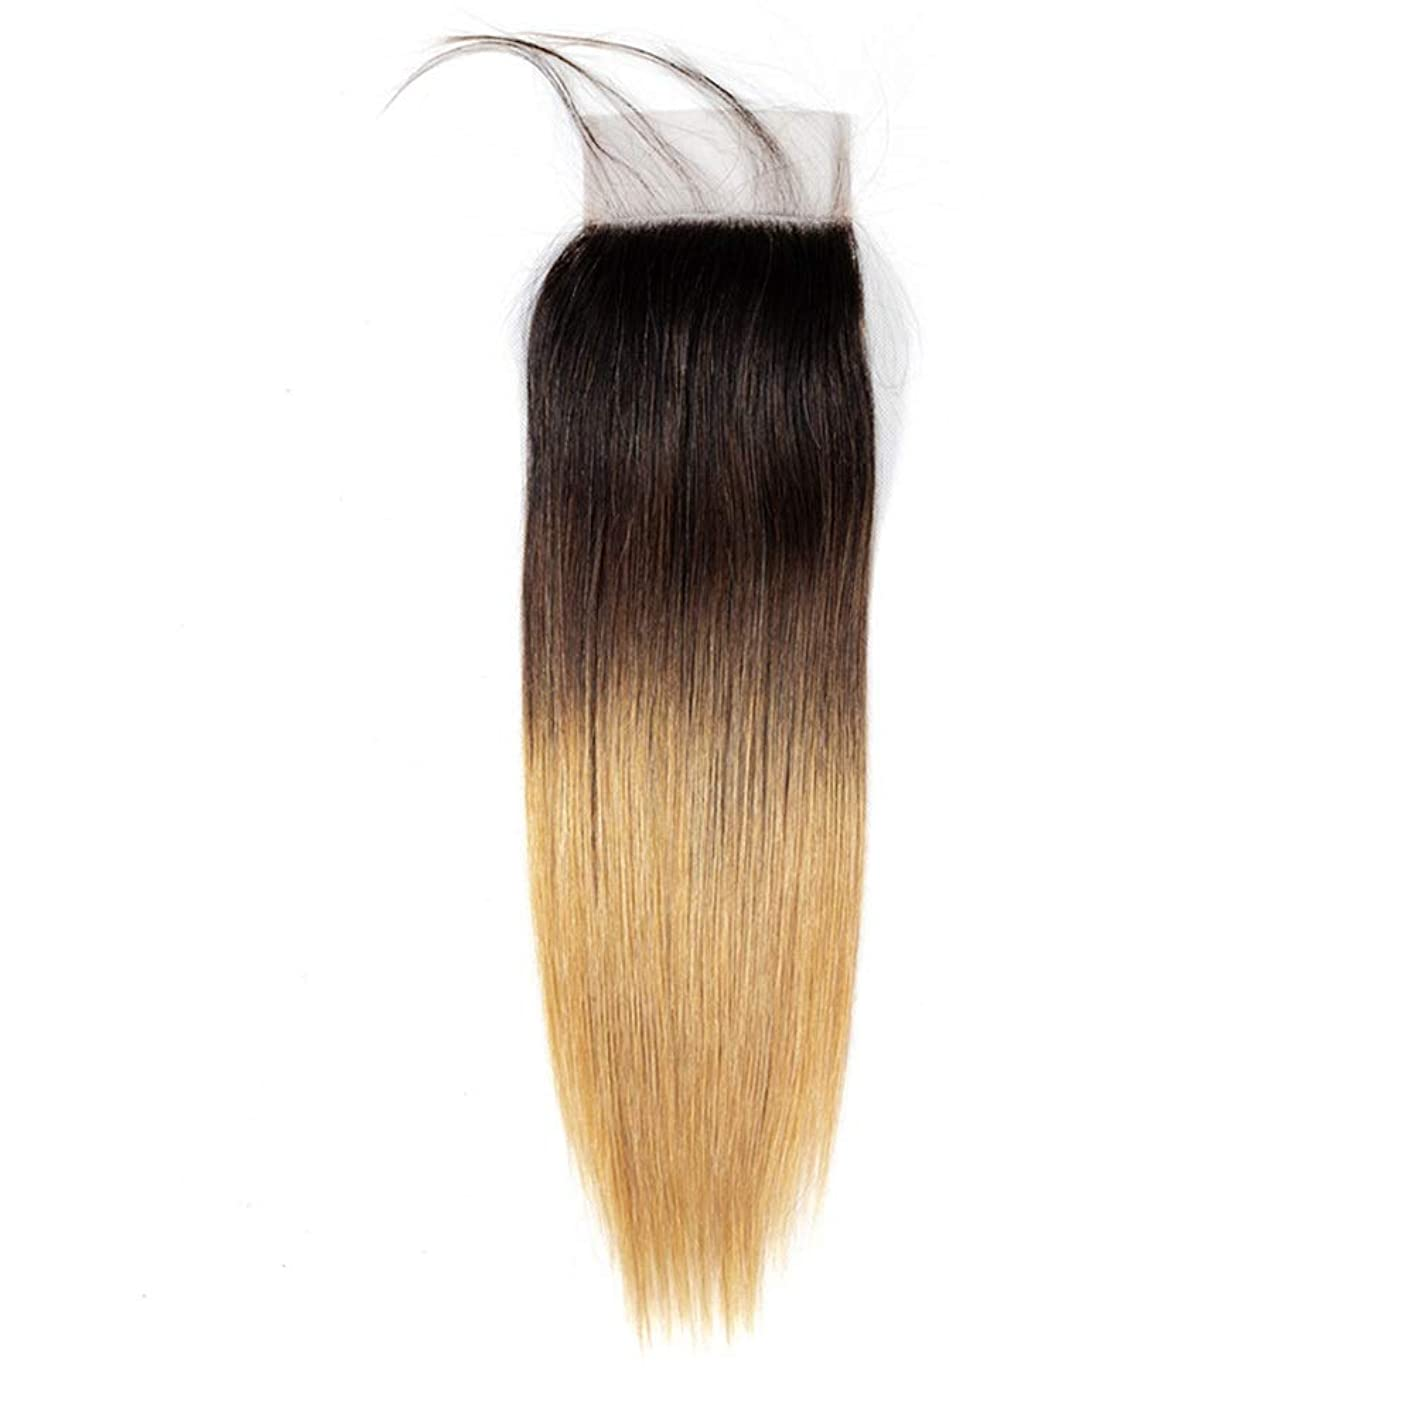 車両潜在的なのためにYESONEEP オンブル人間の髪の毛のない部分4 x 4耳と耳のレース前頭閉鎖1B / 4/27 3トーンカラーブラウンウィッグウィッグ (Color : ブラウン, サイズ : 16 inch)